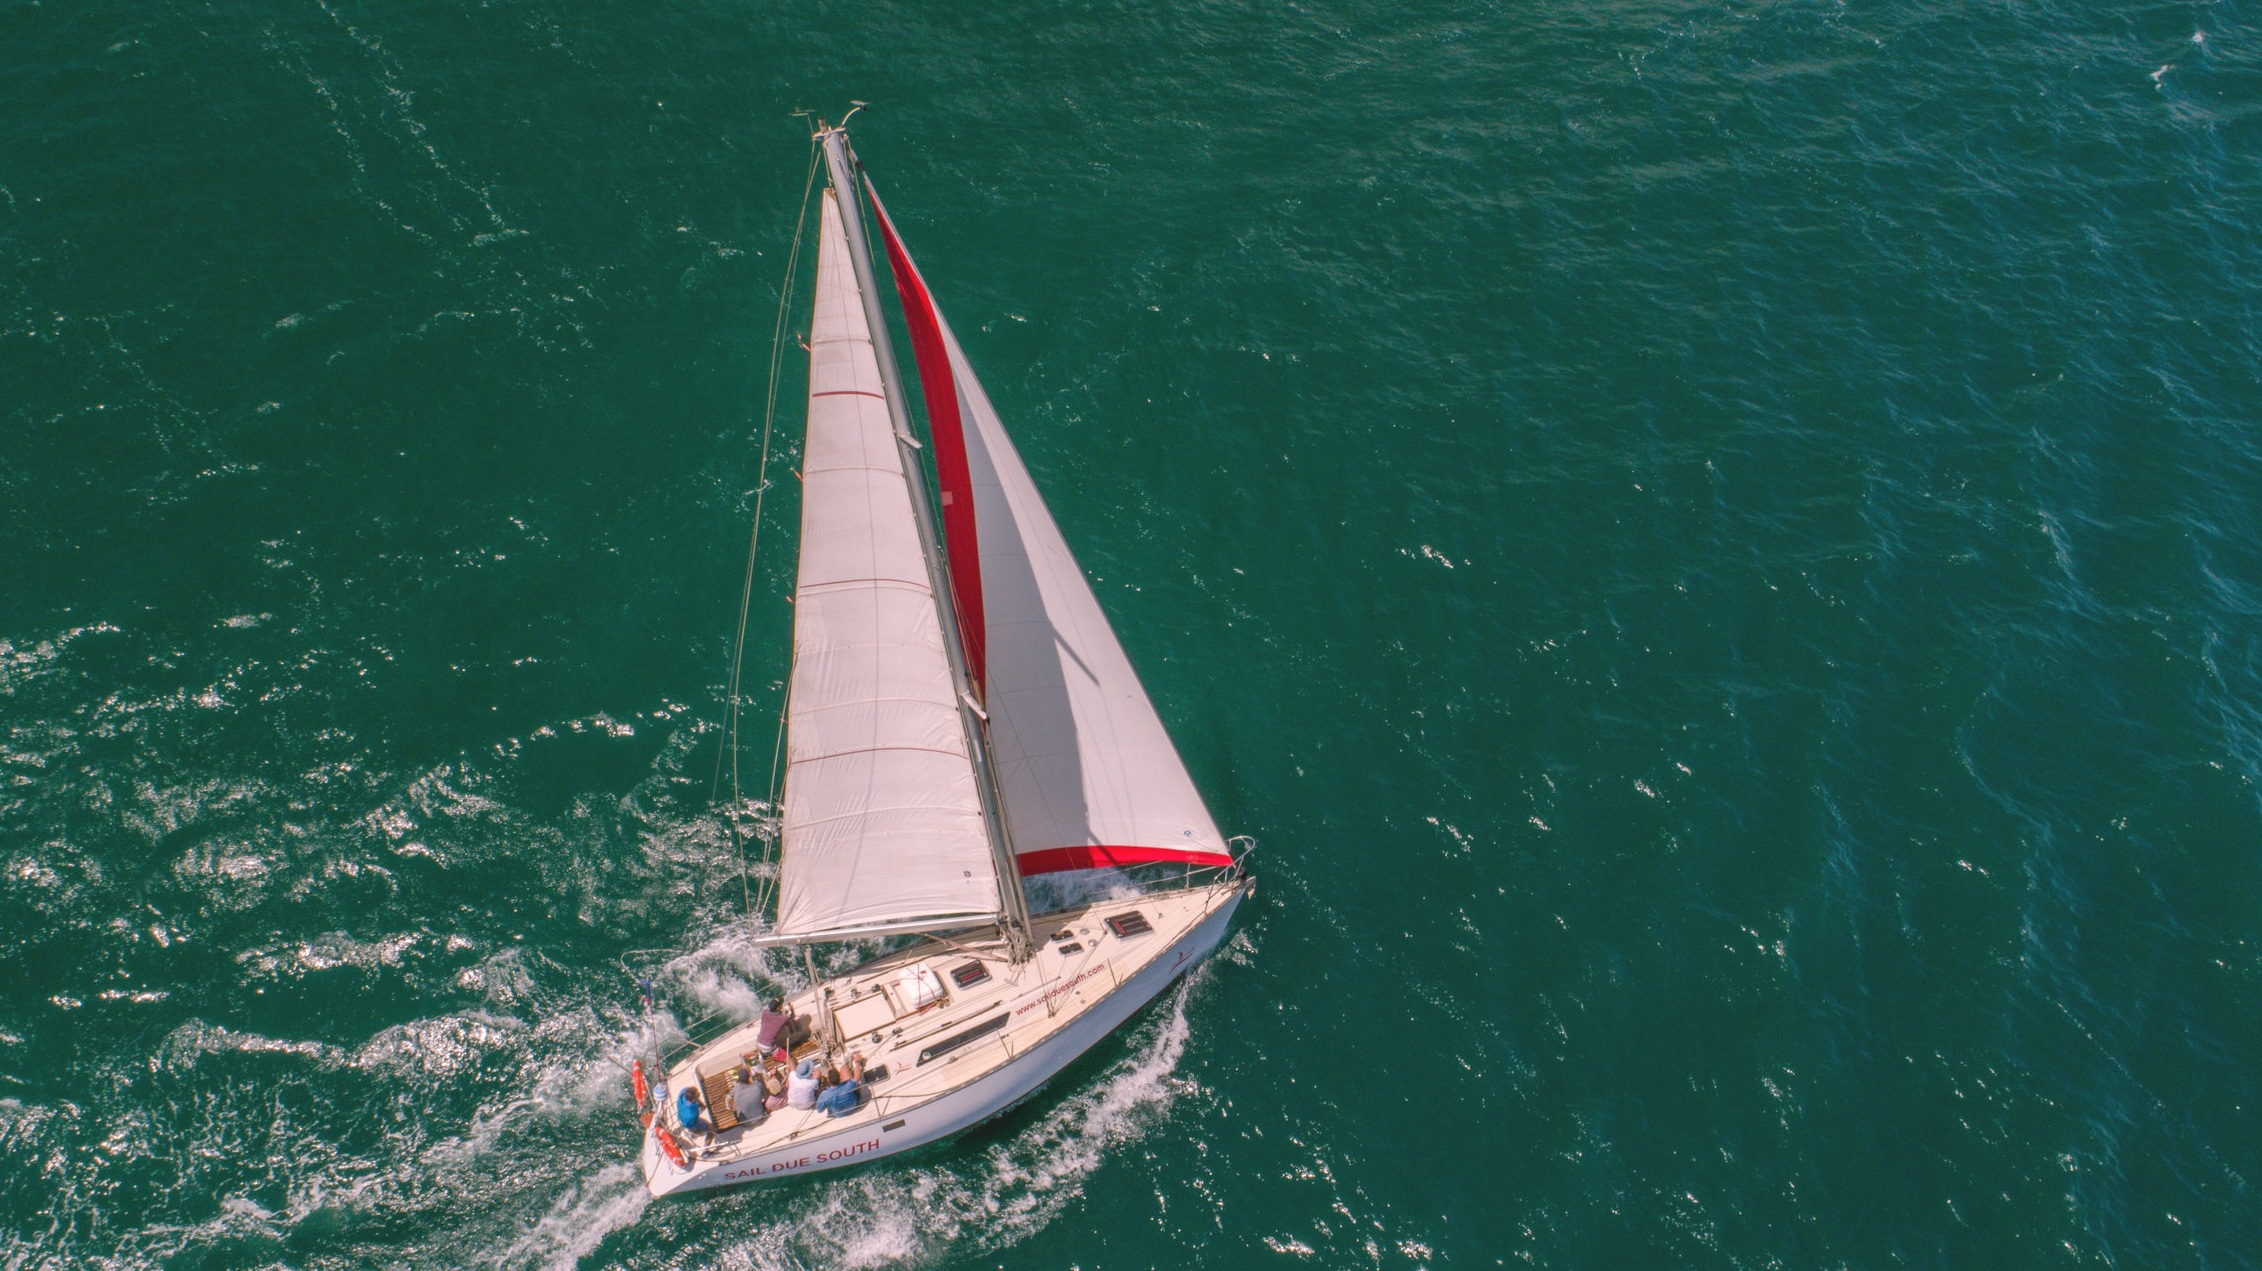 Sail+Due+South+-+Duck+Shots.jpg